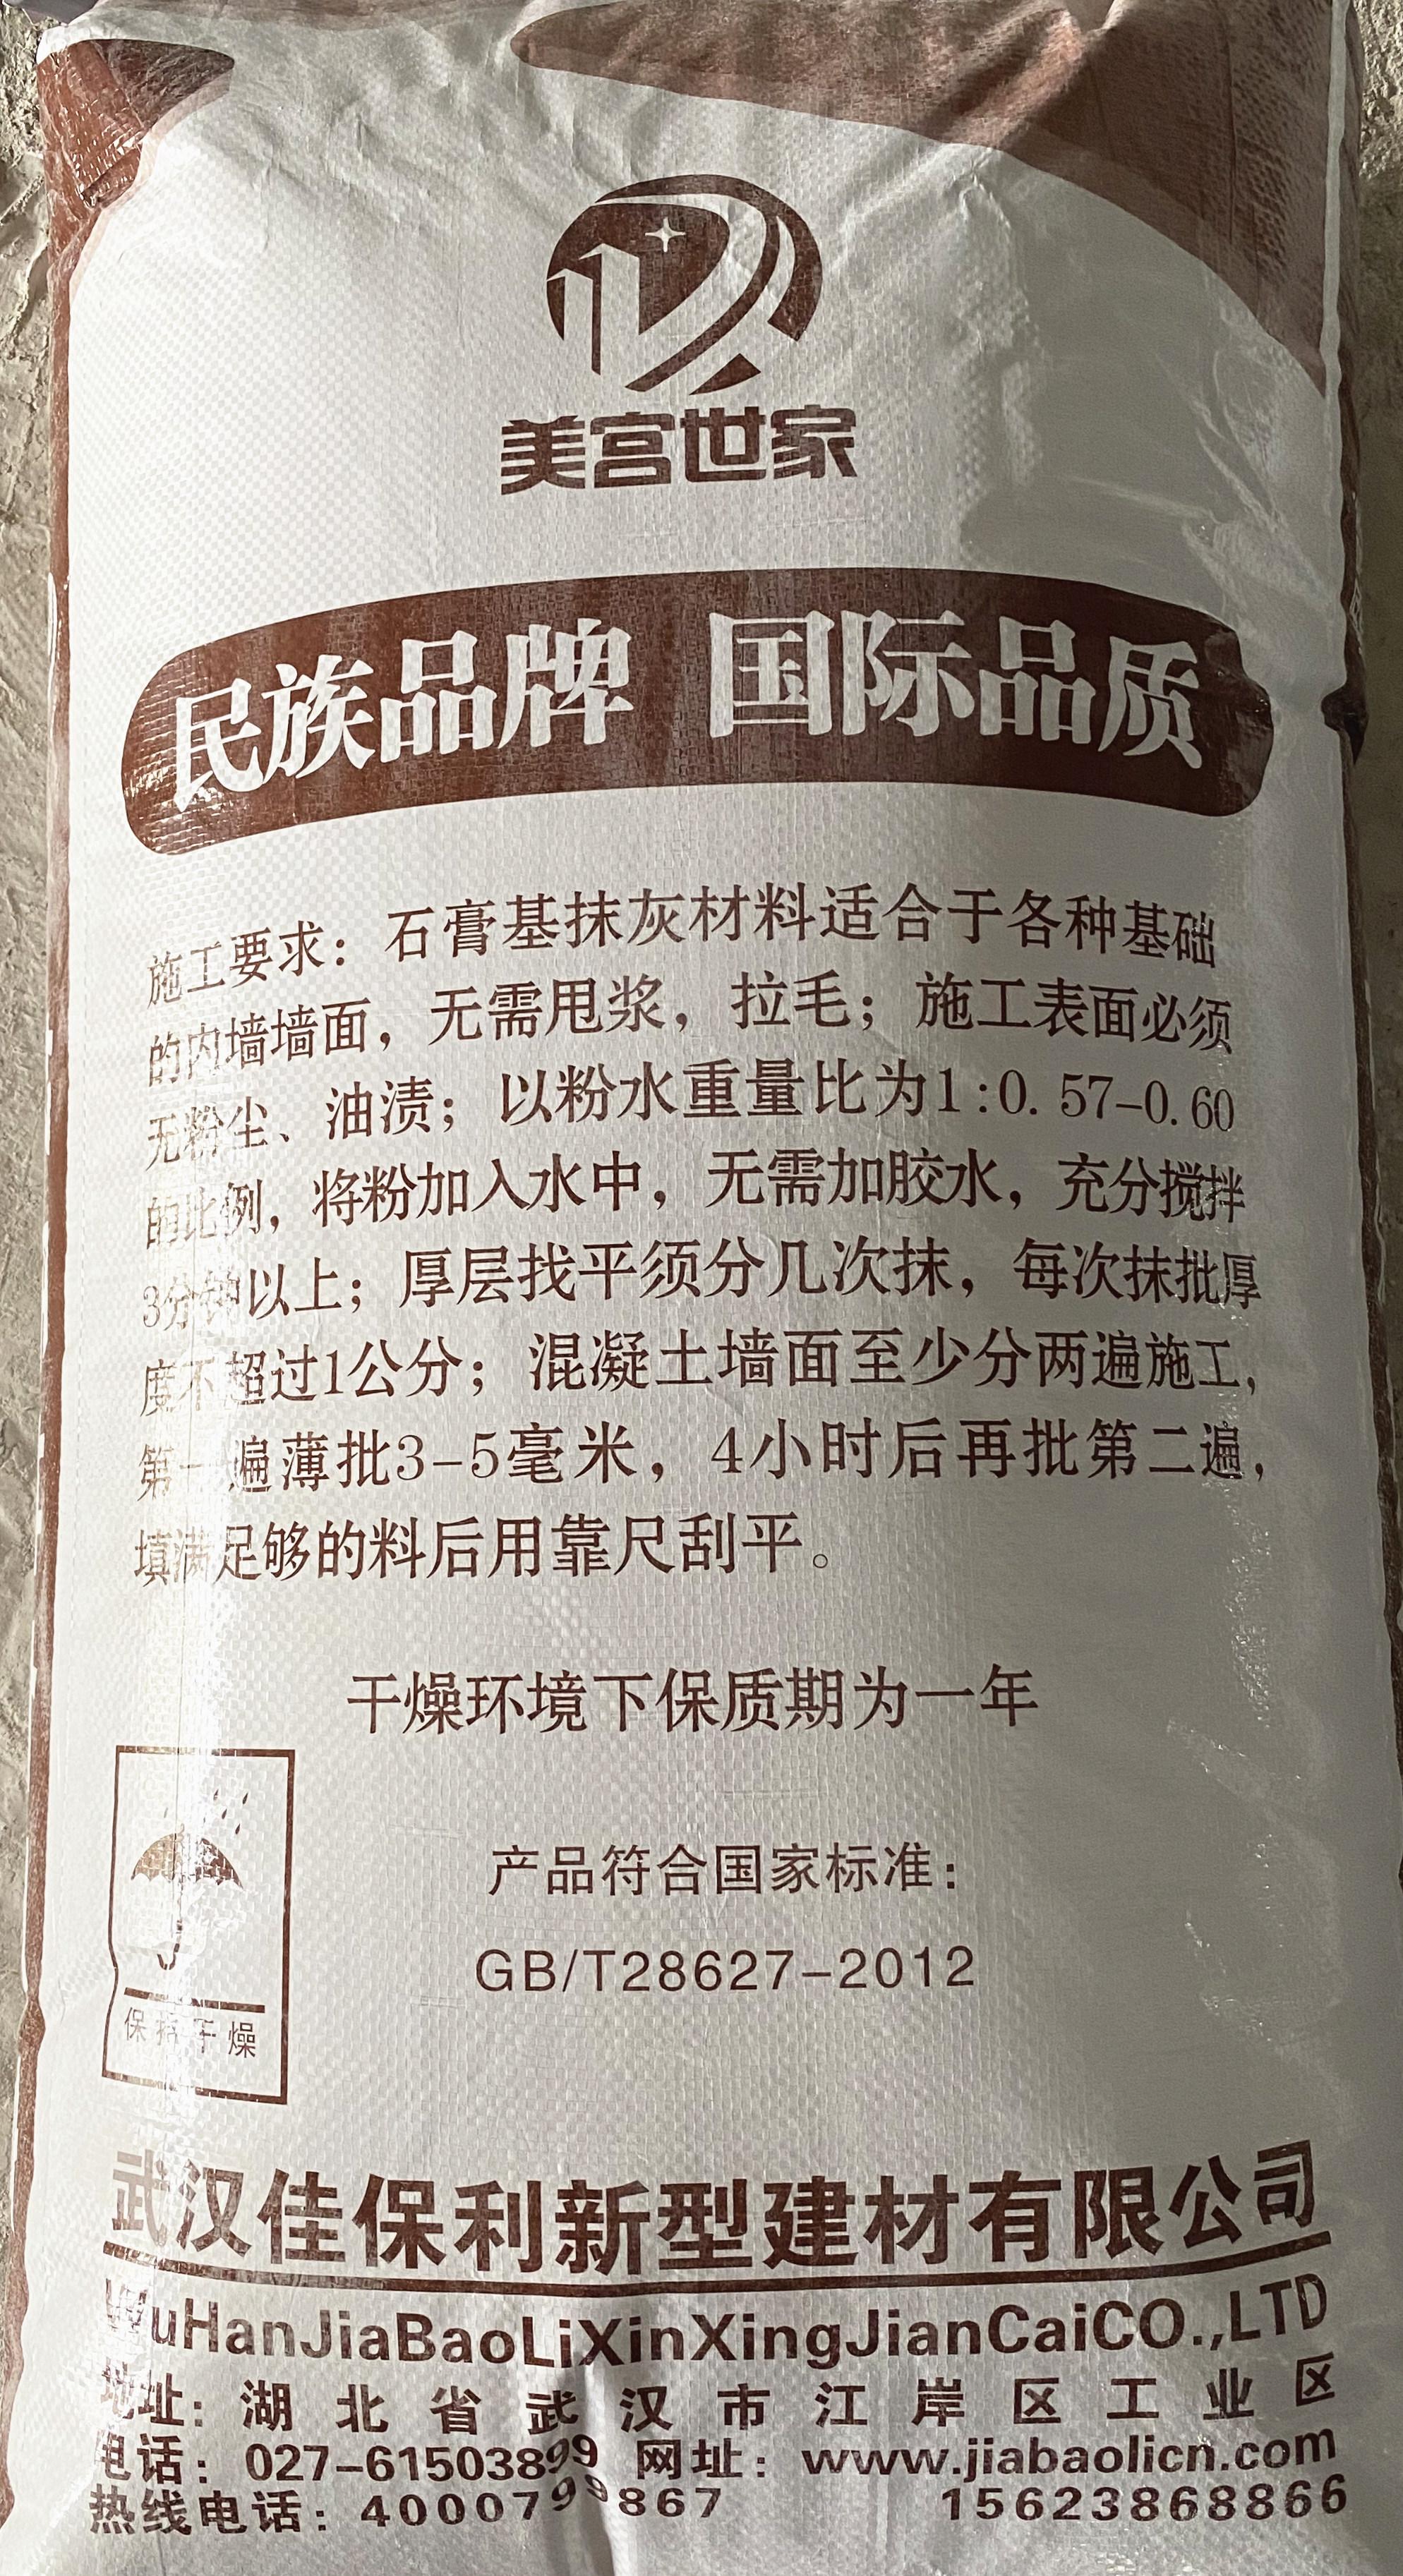 武汉抹灰石膏抹灰如何做护角?